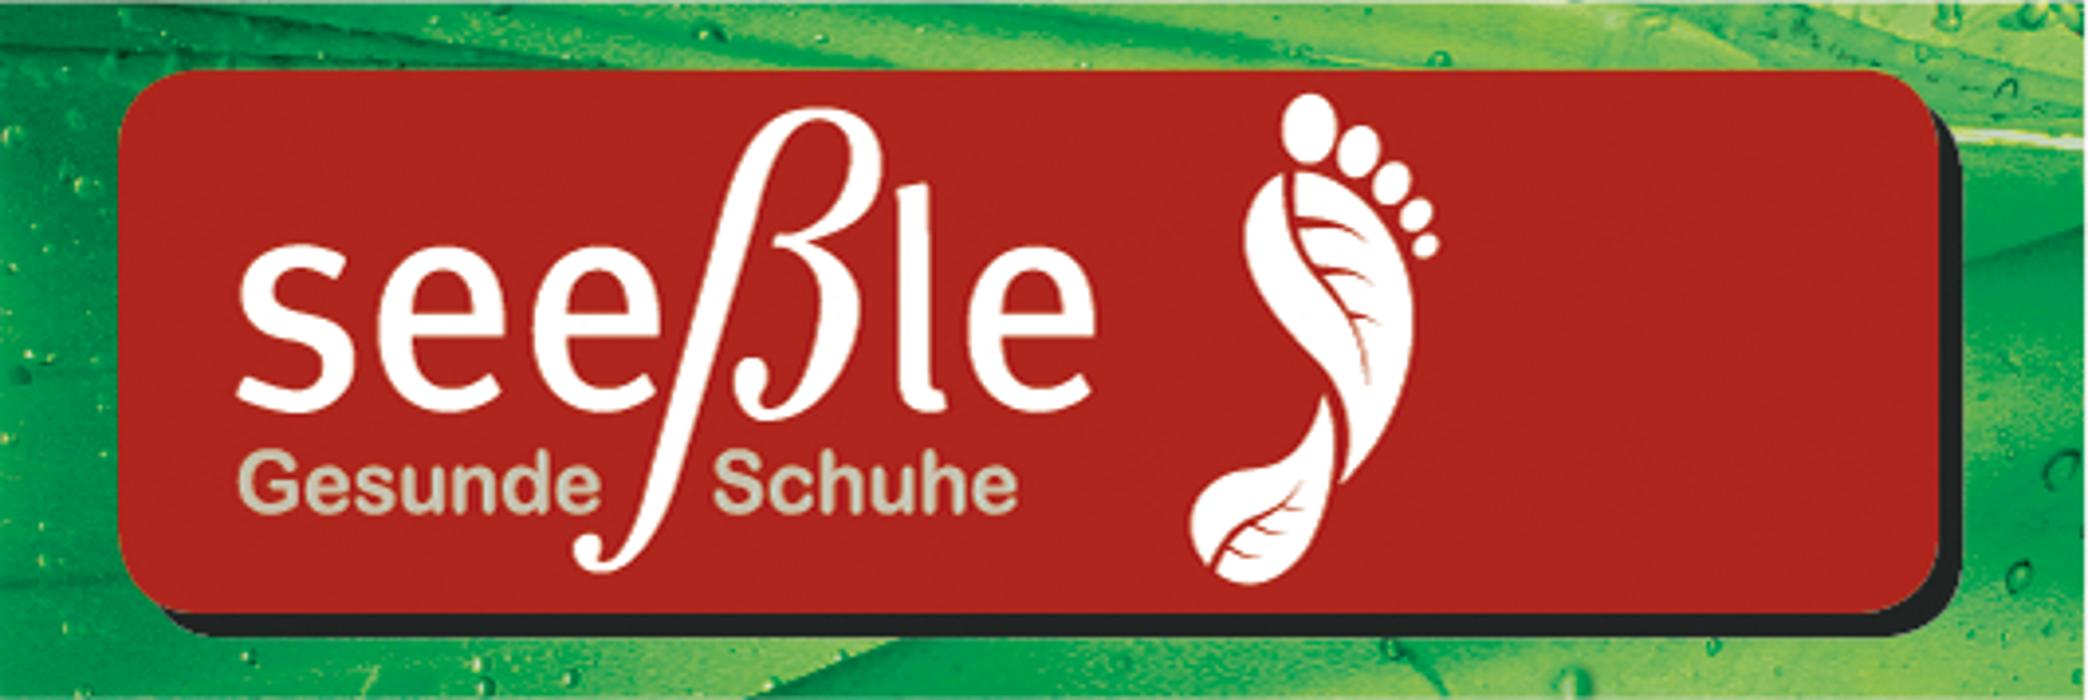 Bild zu Seeßle Fussgesund GmbH München-Giesing in München